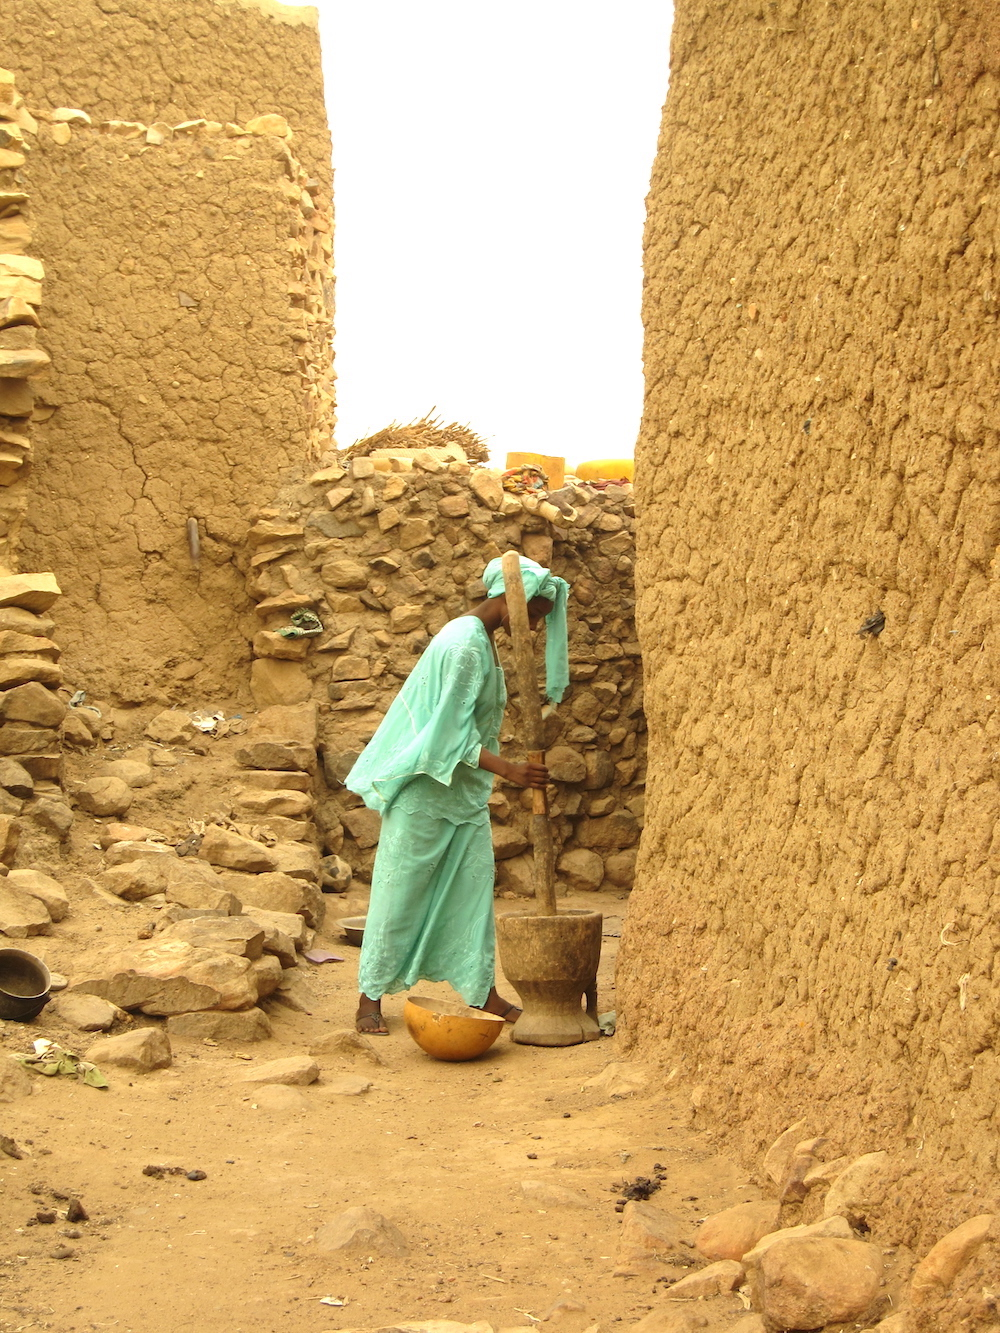 Preparação de cerveja artesanal em uma ruela de Hombori, Mali. Foto: Patti Neves